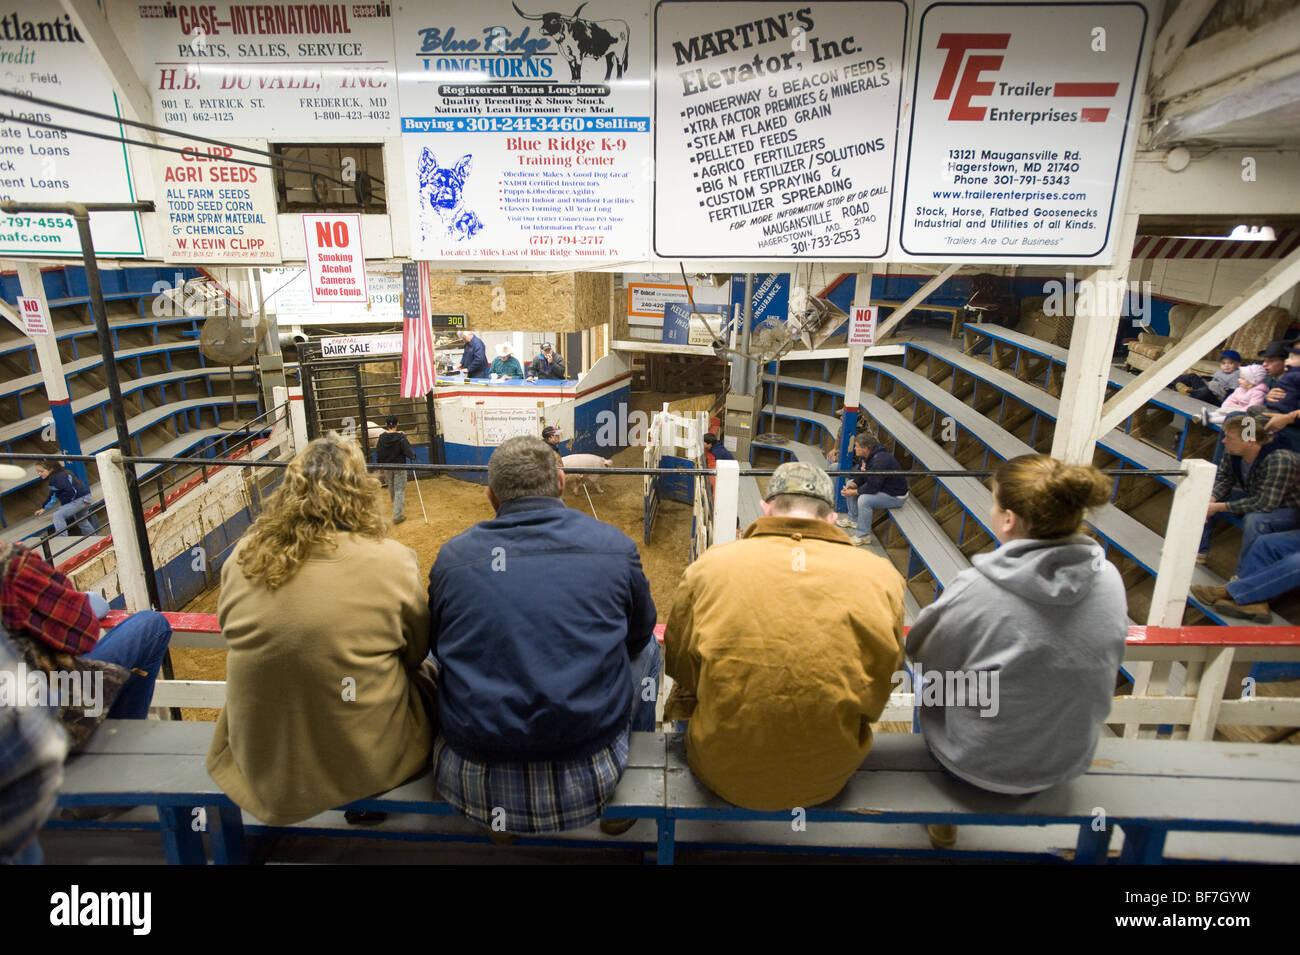 Auction Sale Stock Photos & Auction Sale Stock Images - Alamy